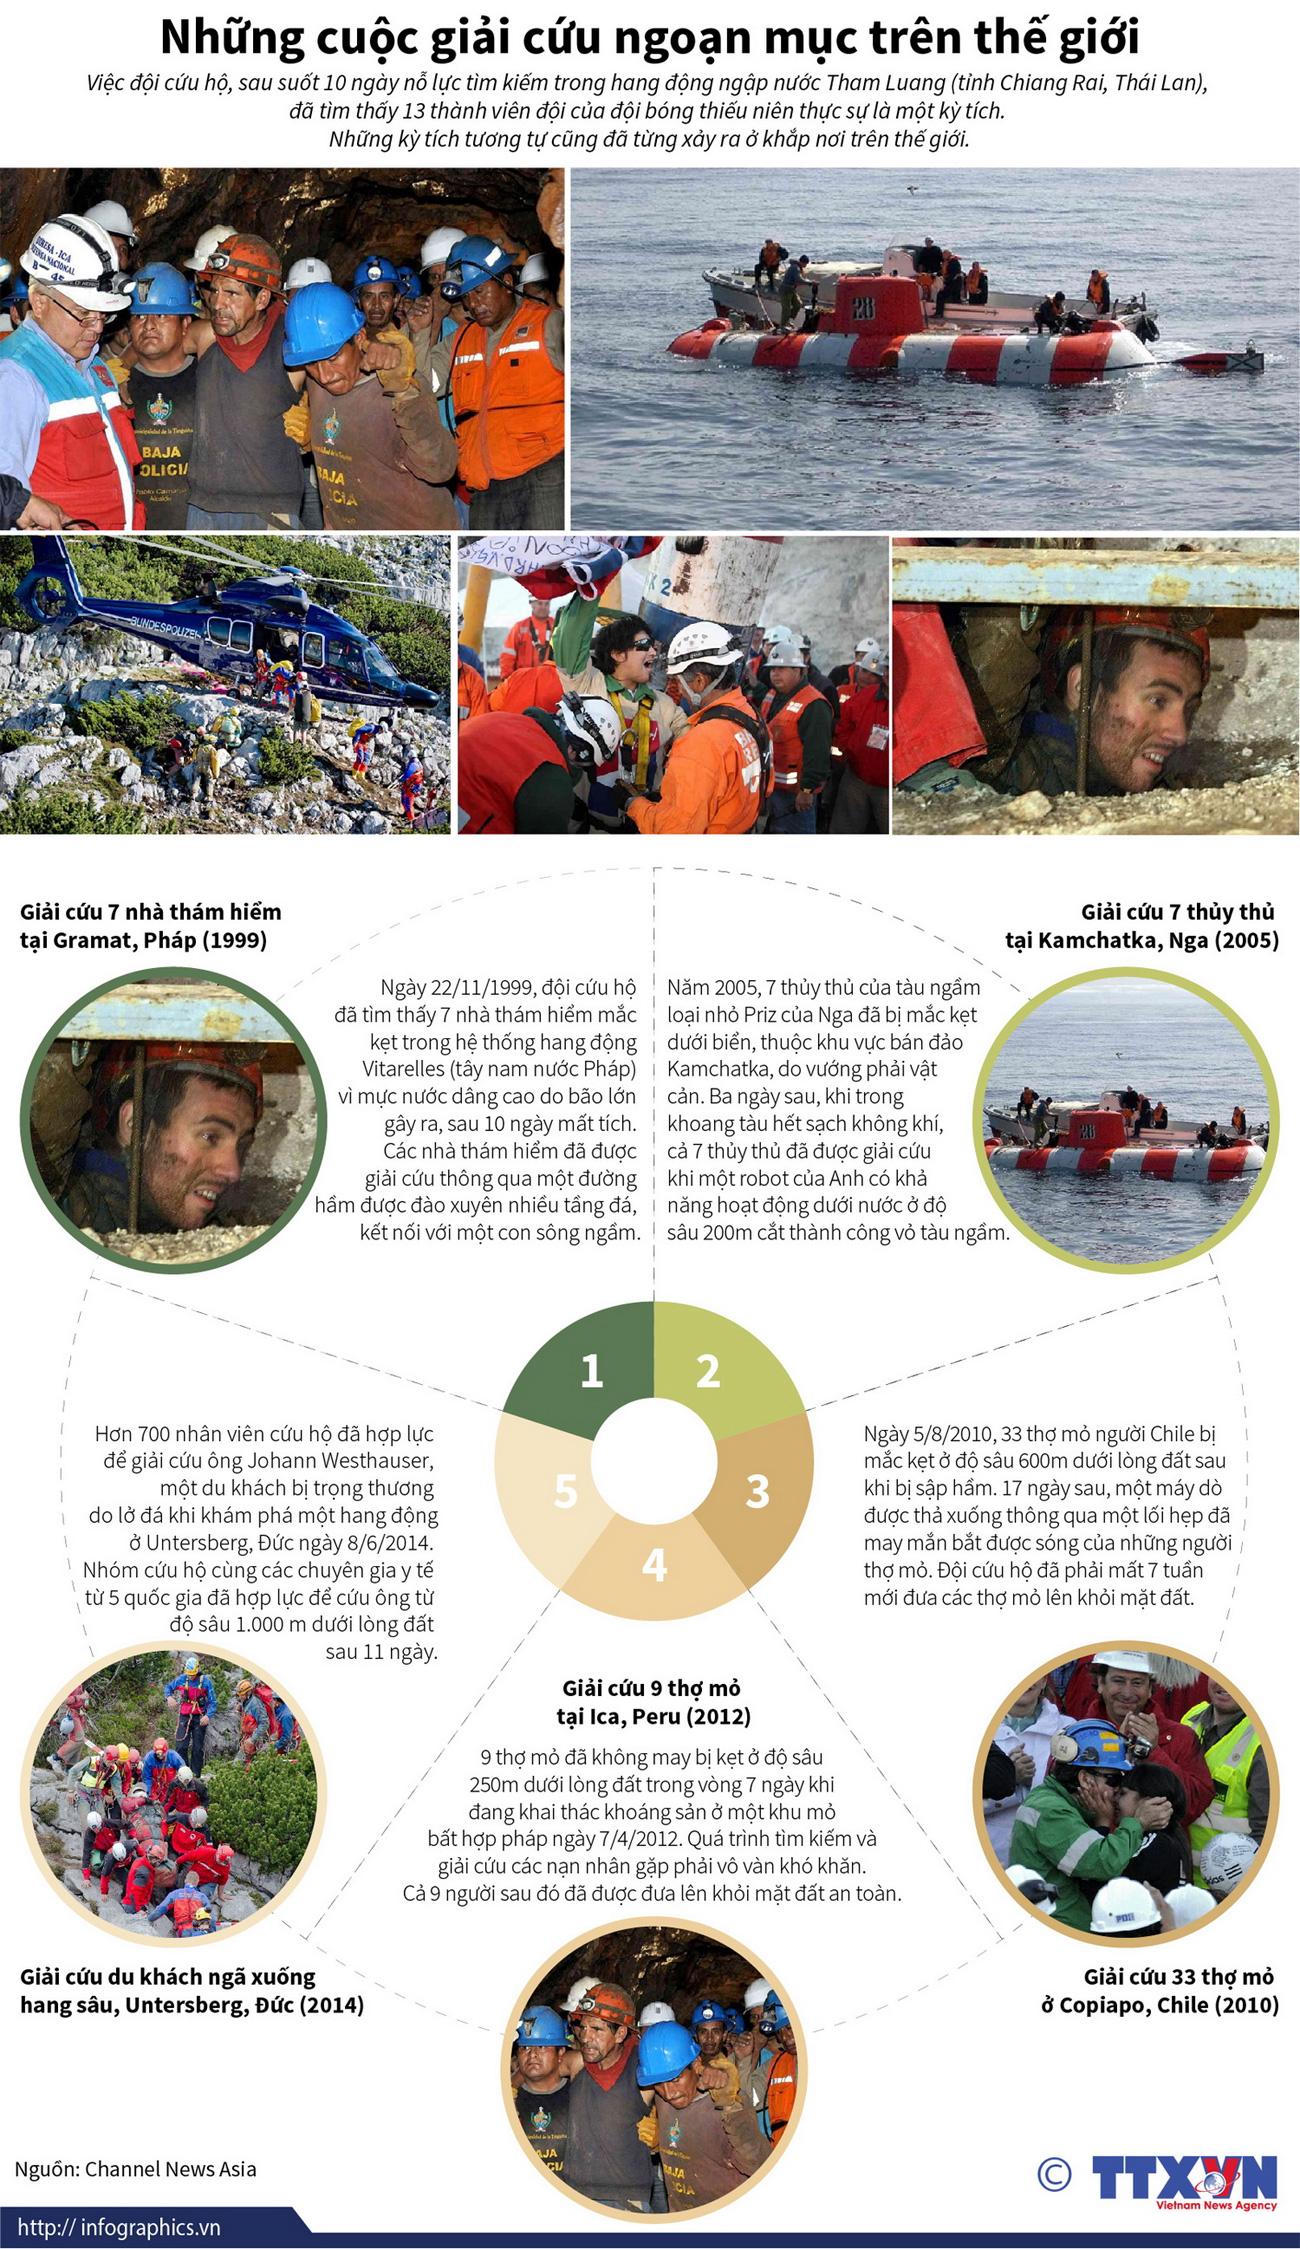 cuộc giải cứu, trên thế giới, Tham Luang, Chiang Rai, Thái Lan, đội bóng thiếu niên, khắp nơi trên thế giới